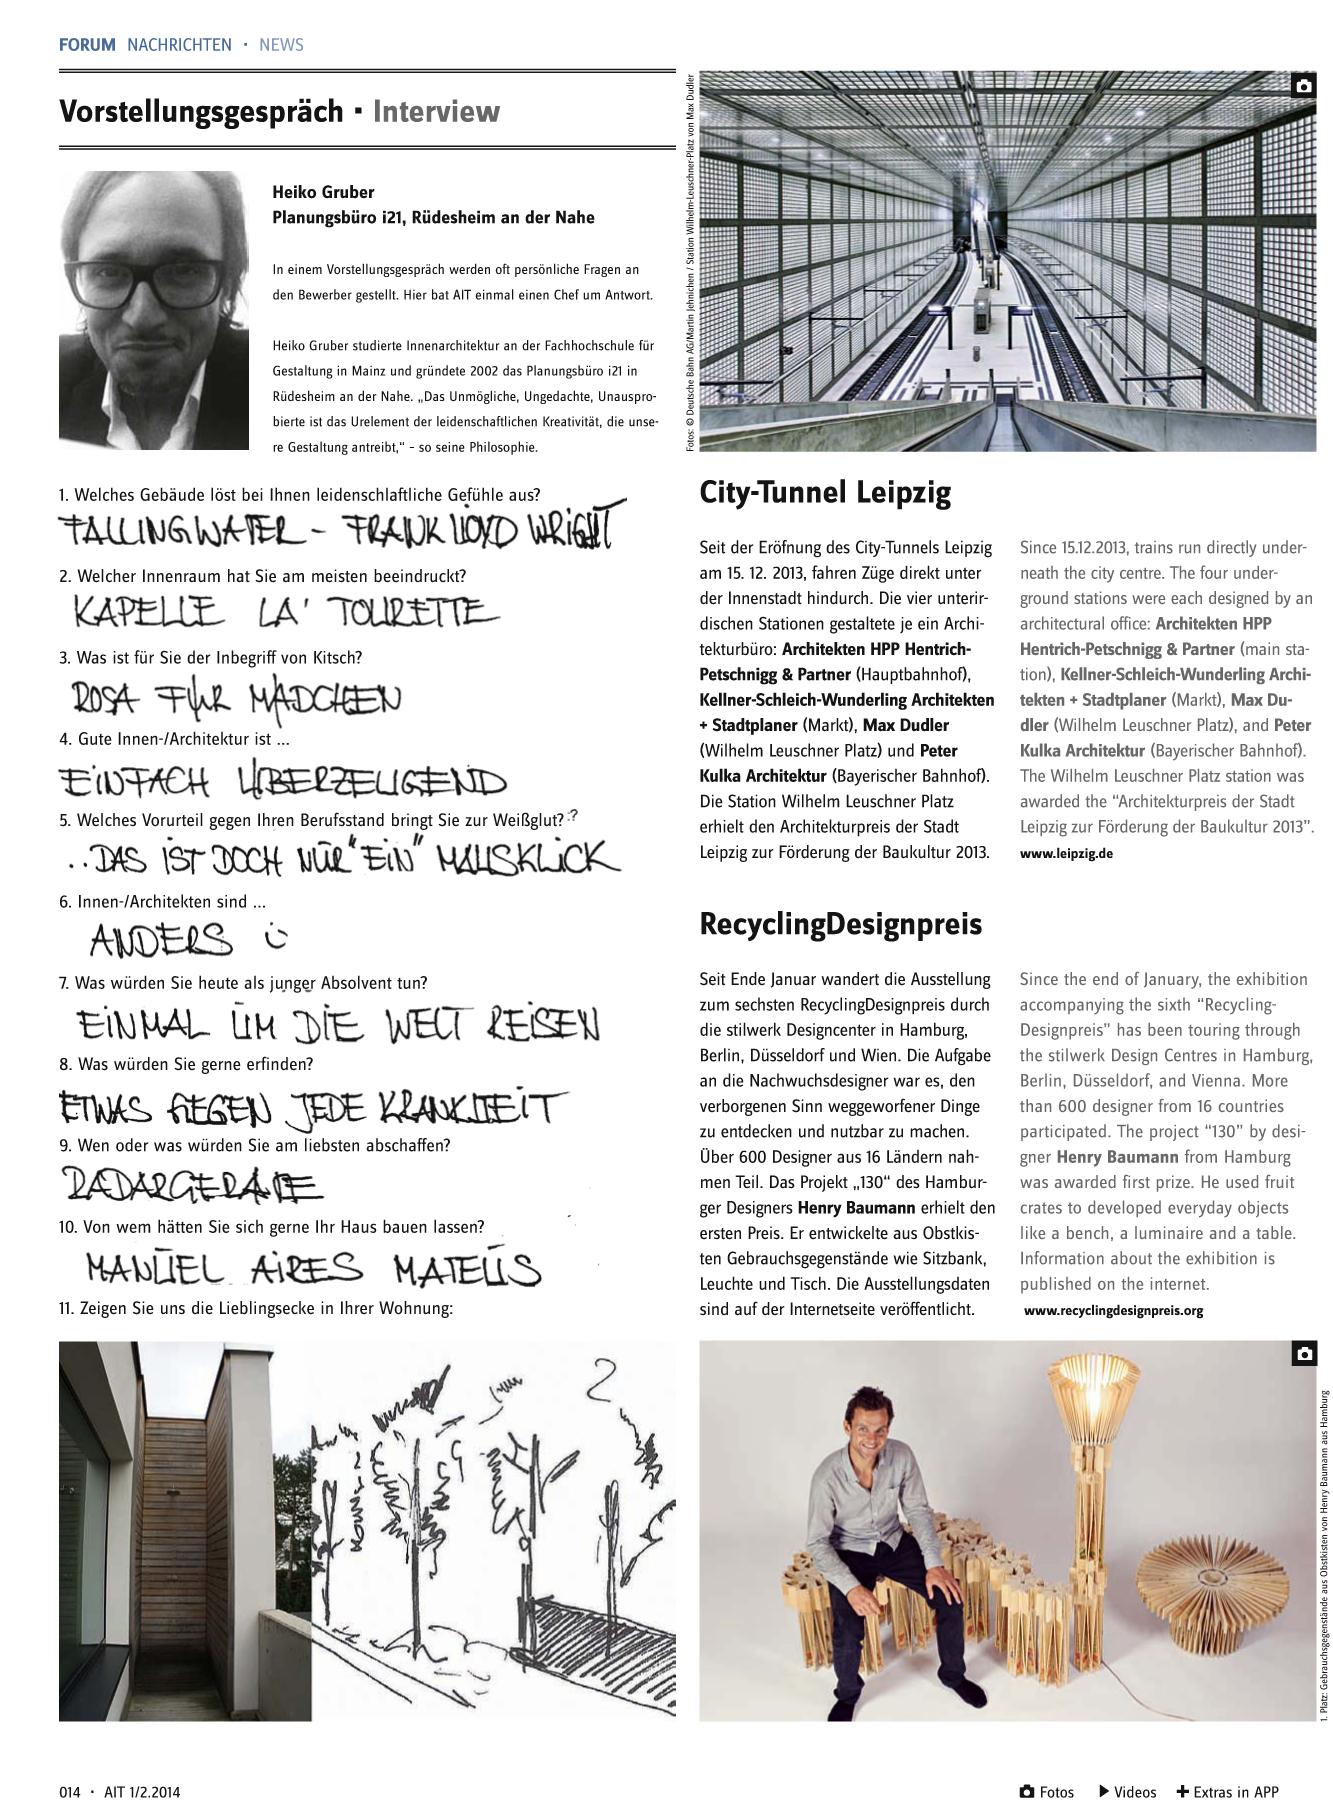 AIT_Ausgabe2-2014Vorstellungsgespräch.jpg